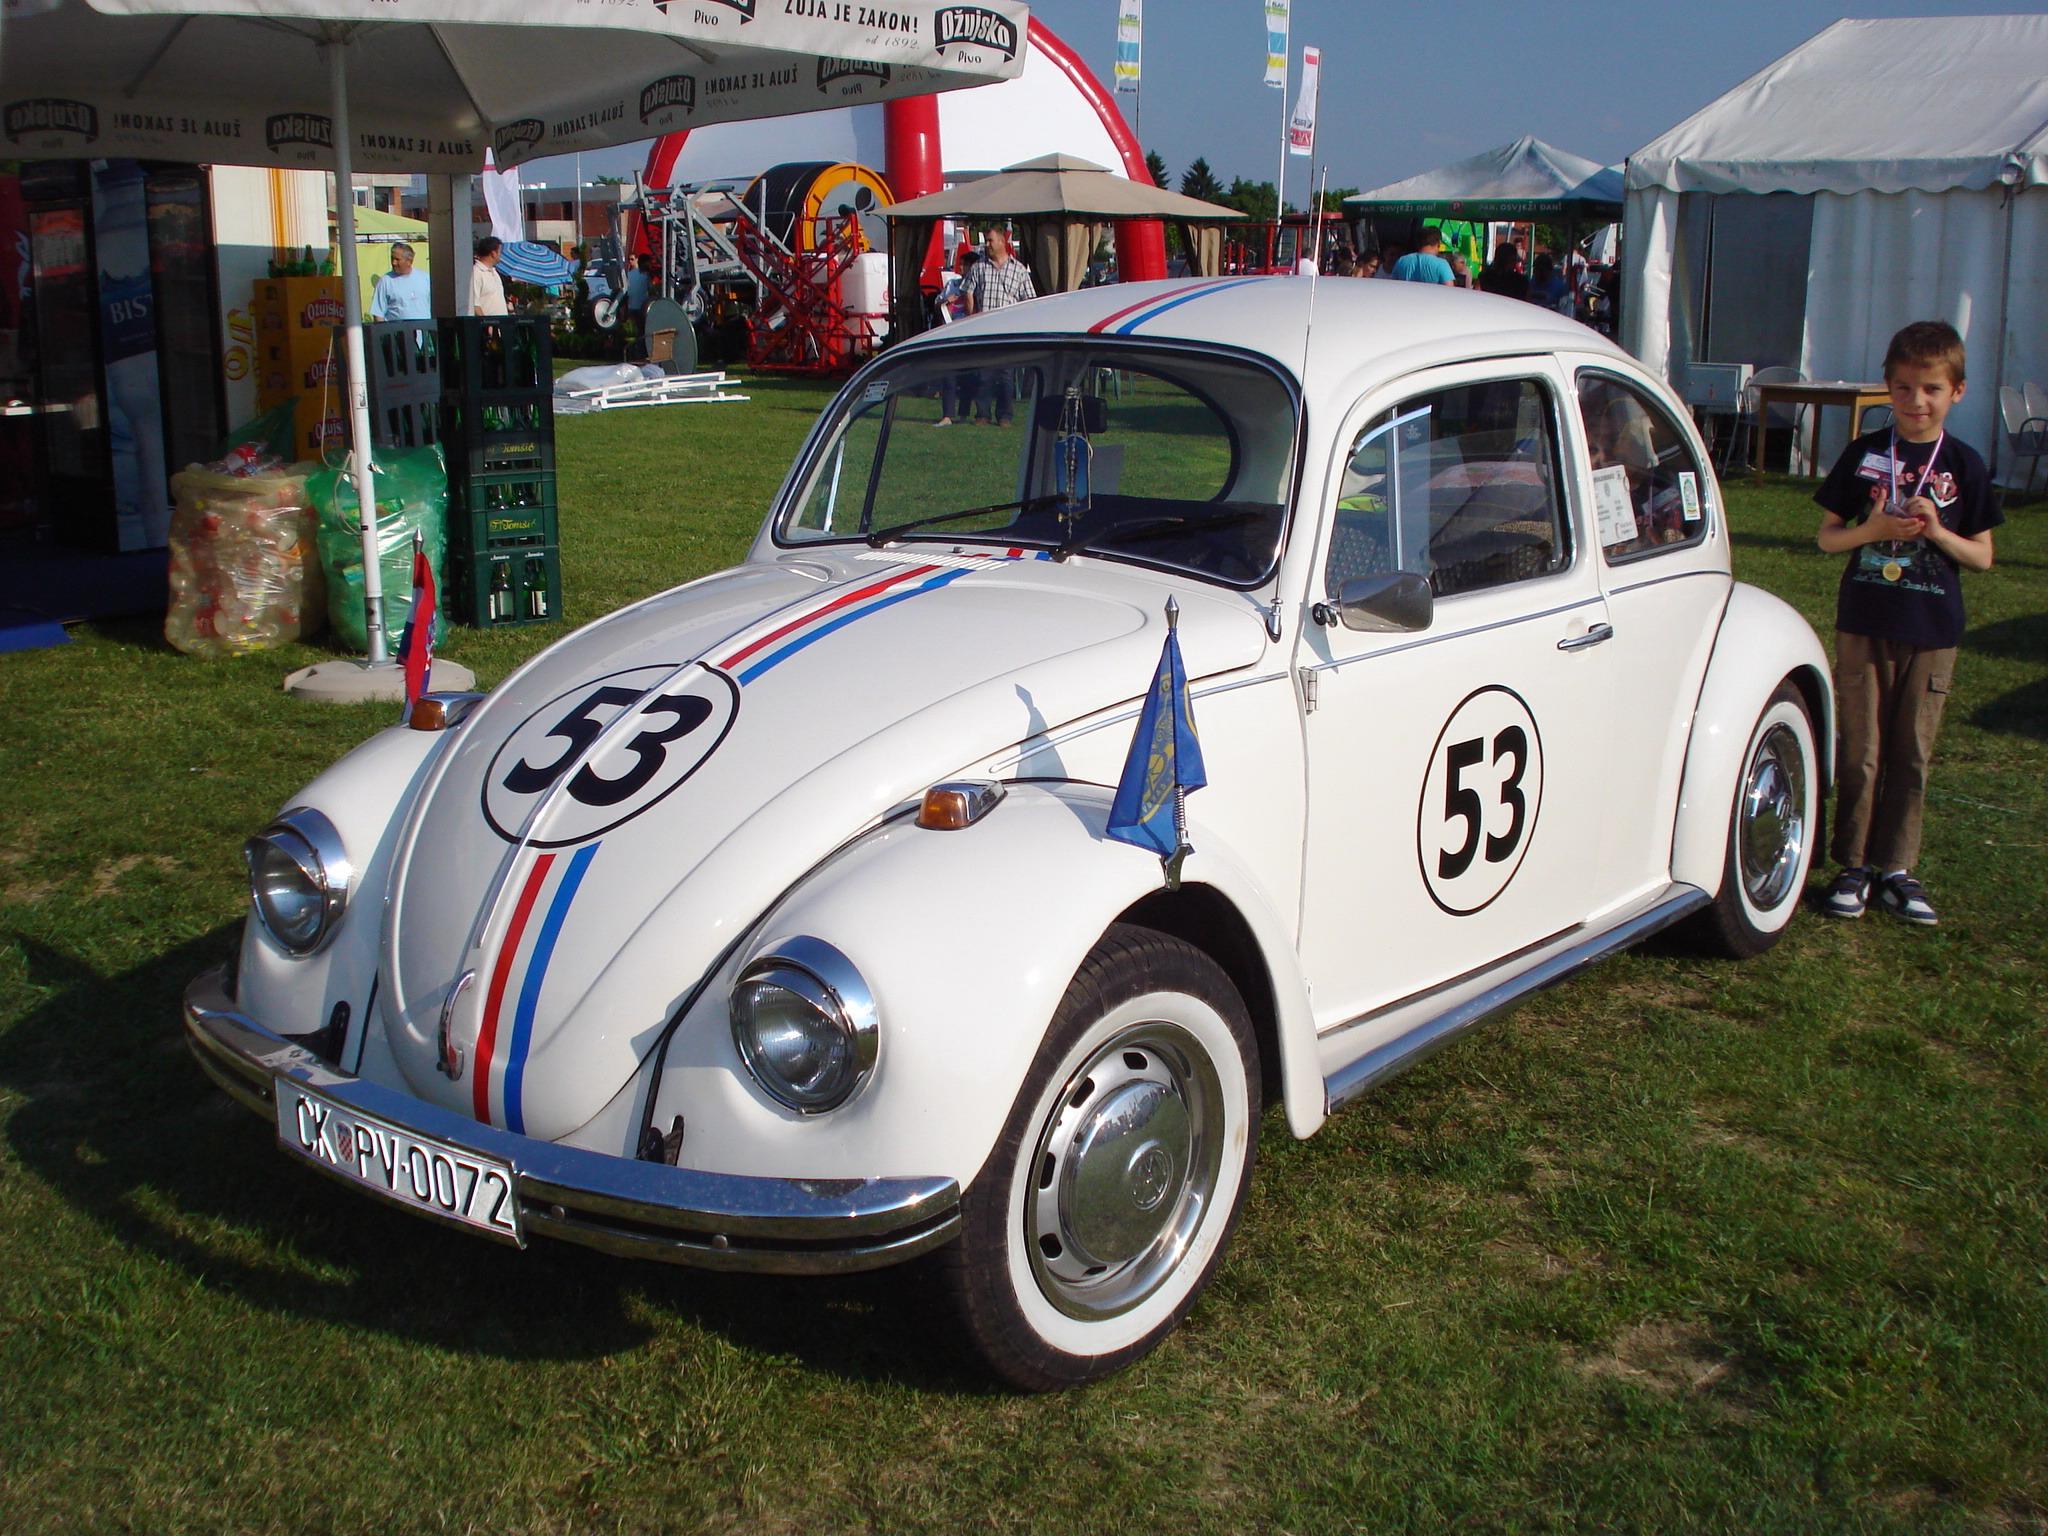 Herbie_in_Nedeli%C5%A1%C4%87e_%28Croatia%29-1.jpg